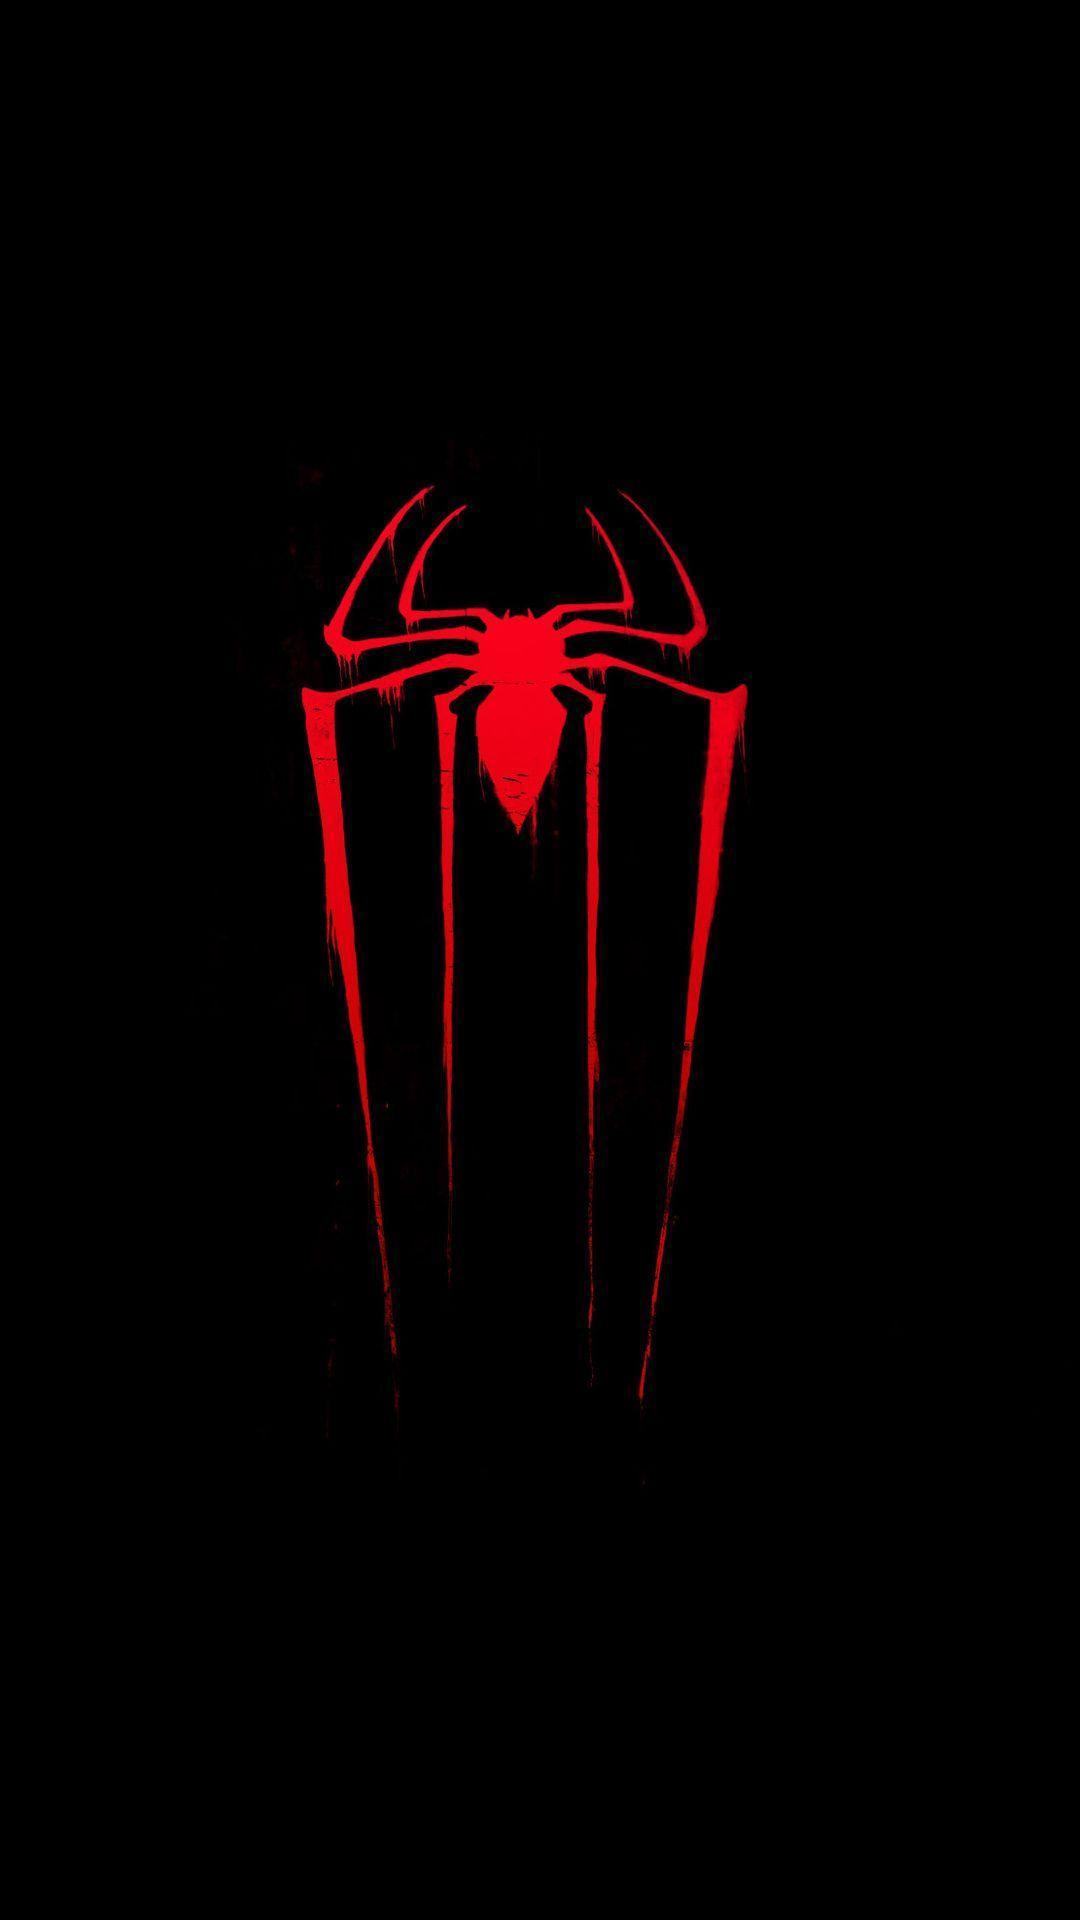 Your Favorite Batman Logo Wallpaper Now Available Online